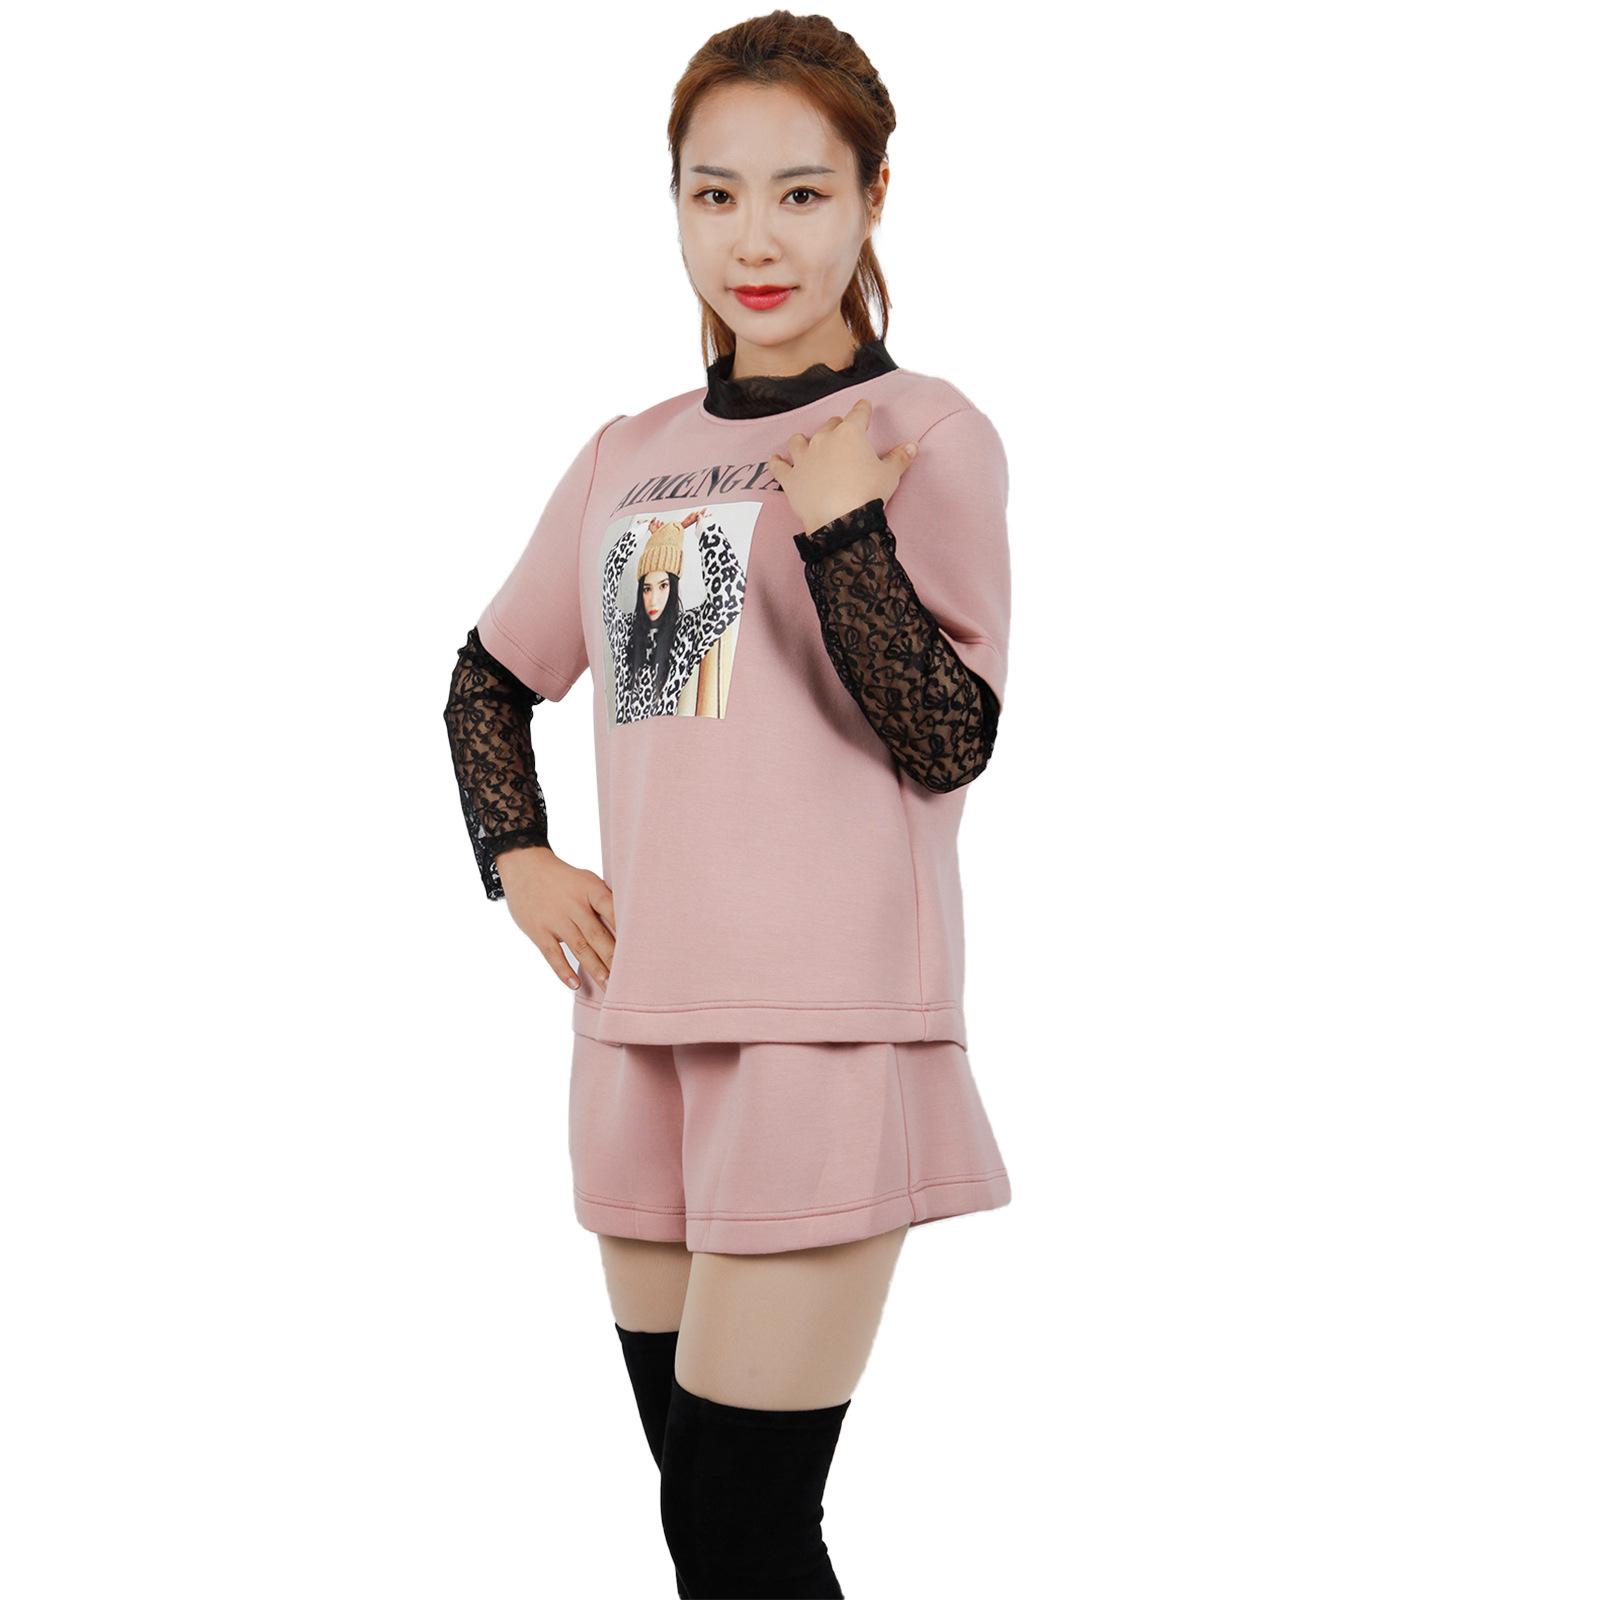 2020秋季撤柜女装韩版简约休闲空气棉两件卫衣A版短裤两件套套装